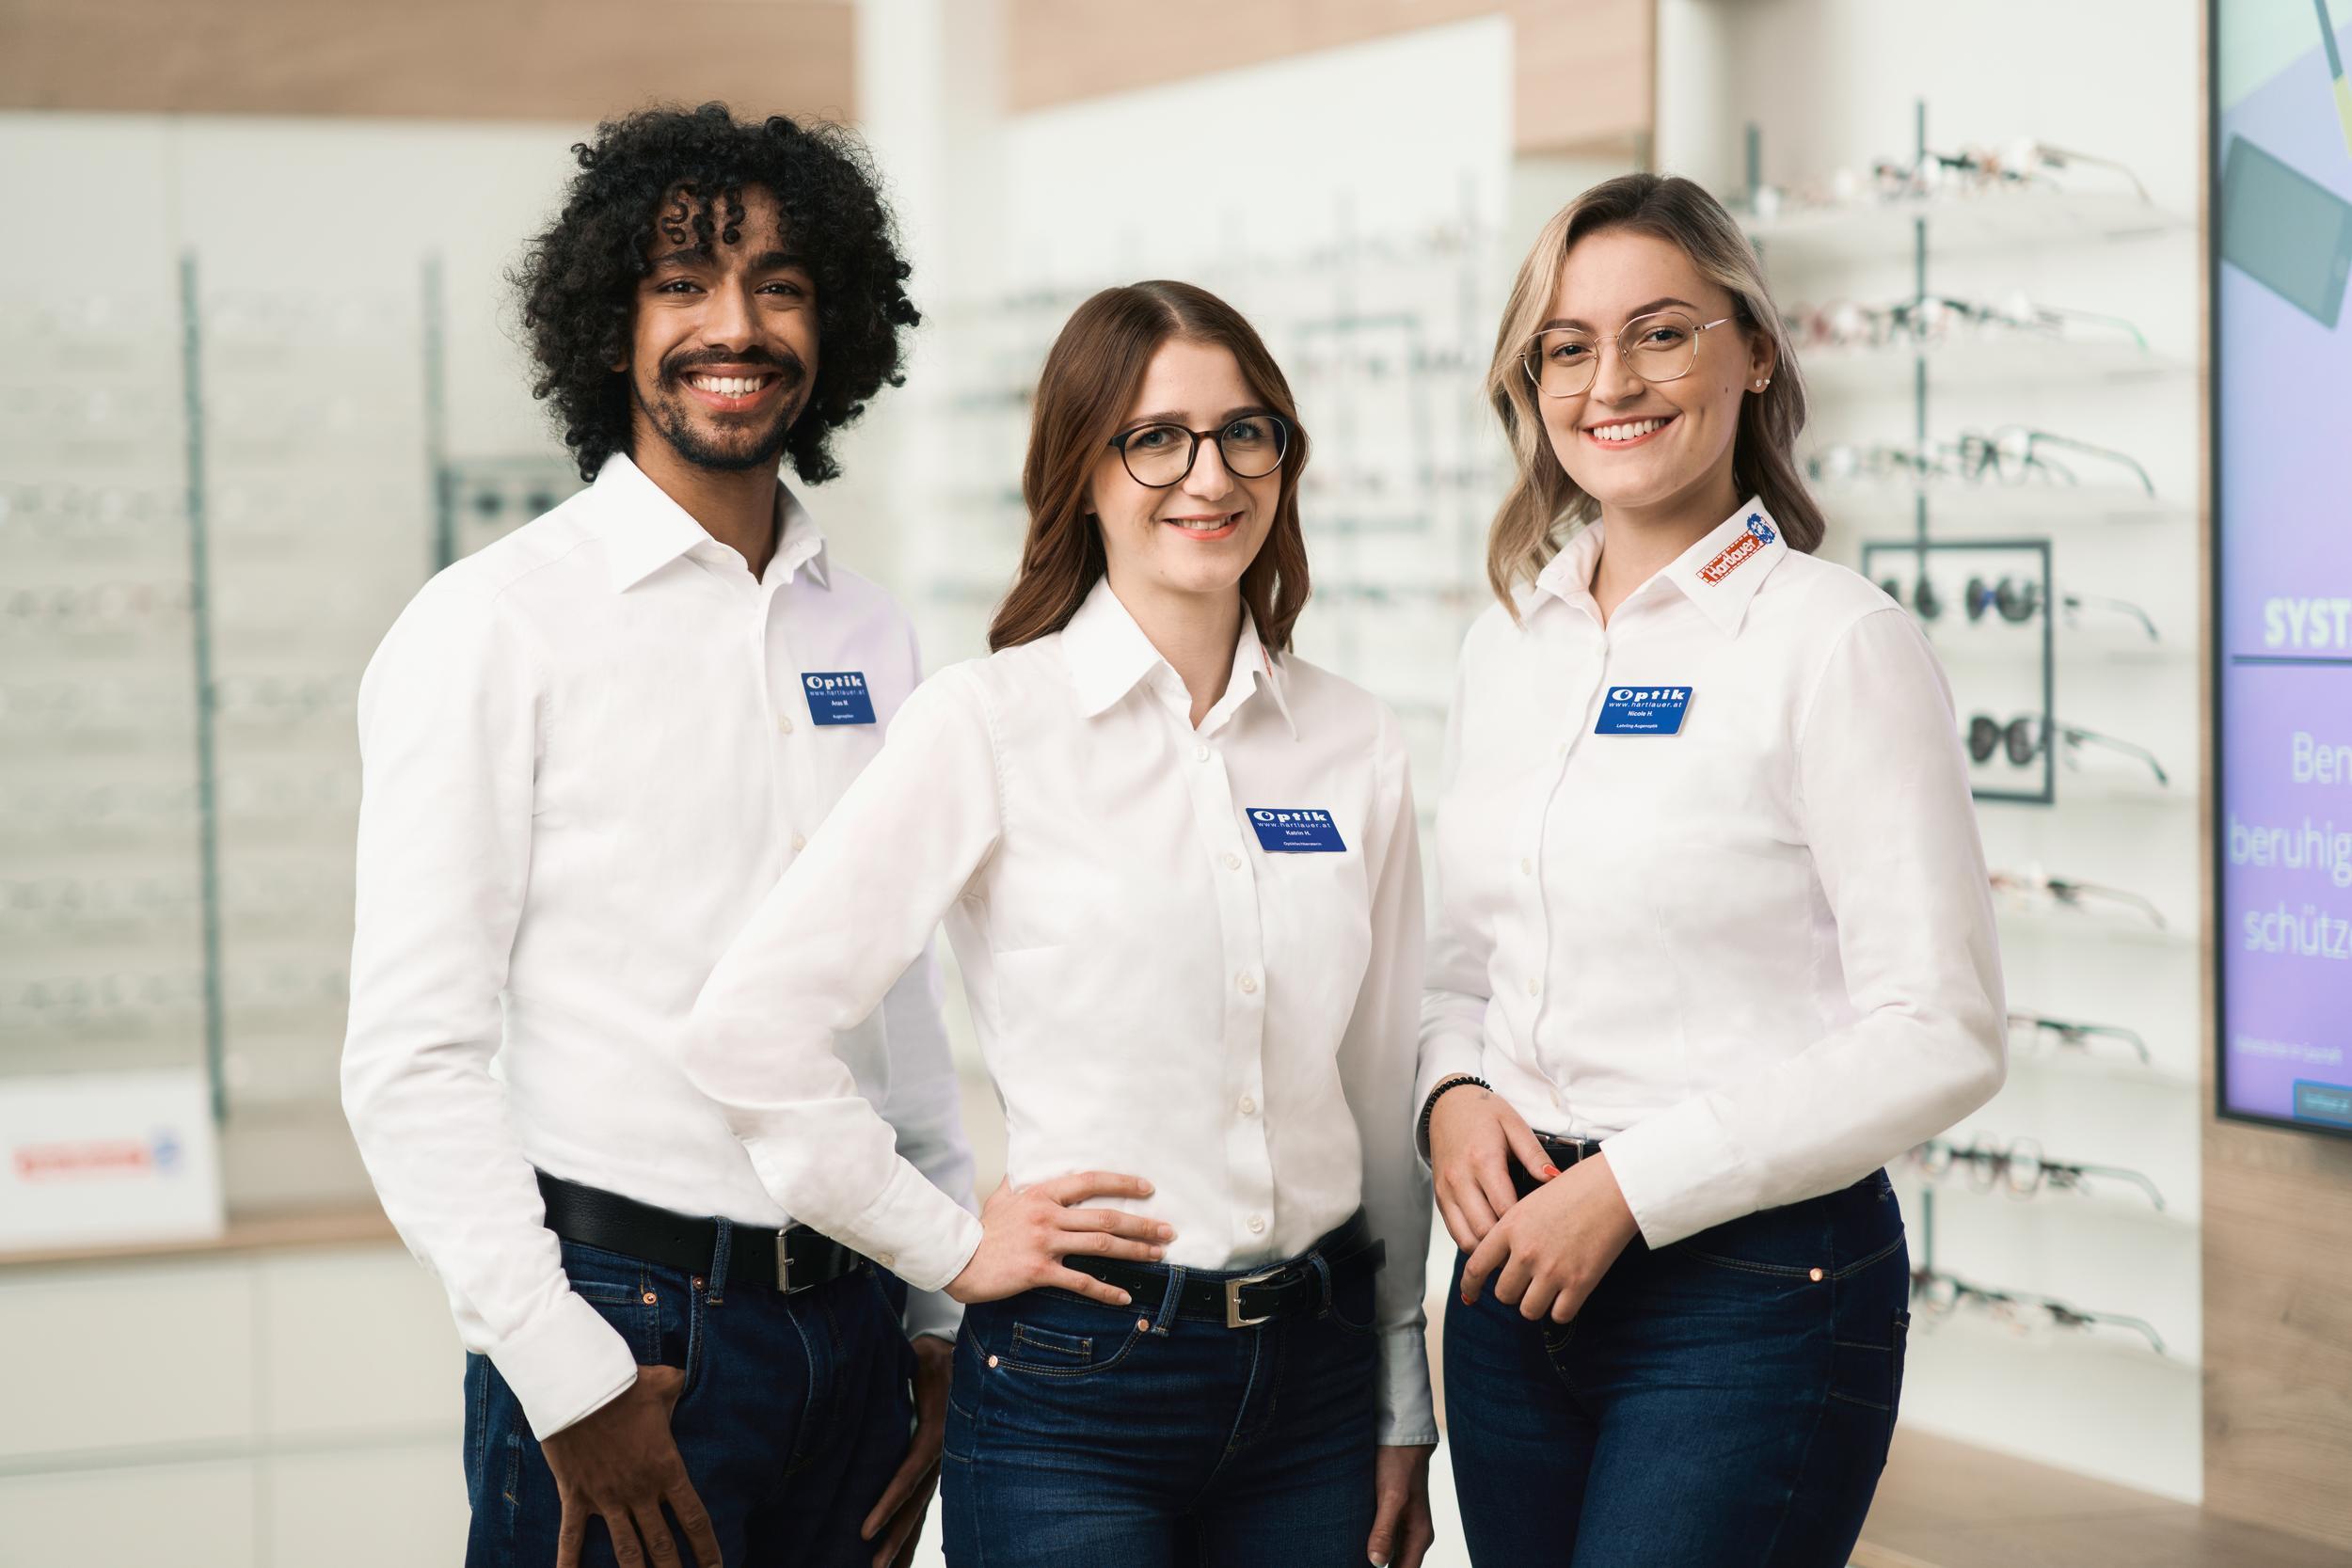 Gruppenfoto Mitarbeiter